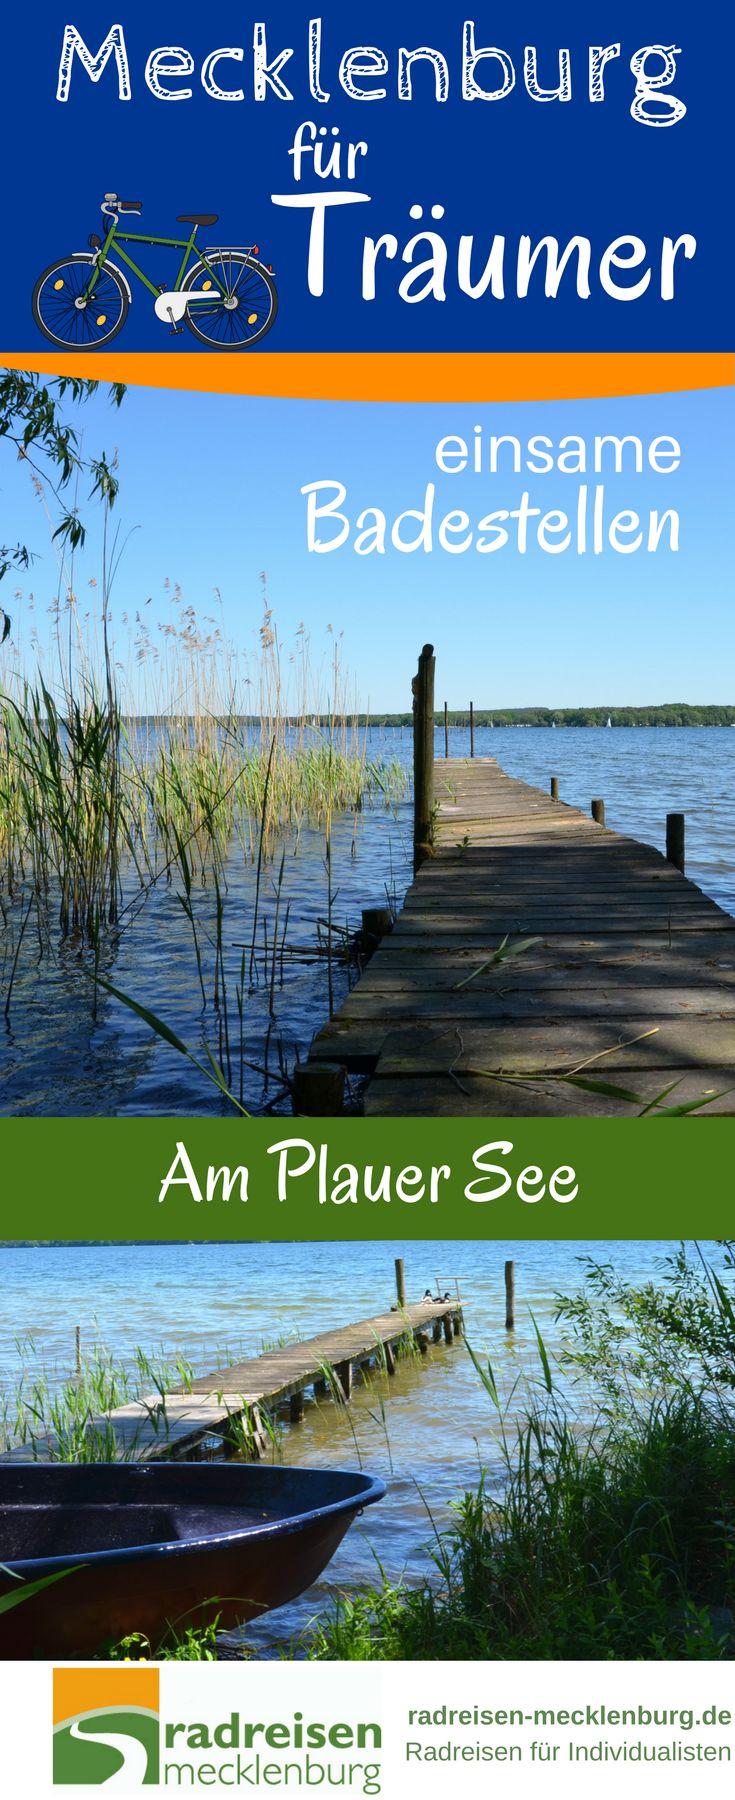 Im Land der über 2000 Seen gibt es unfassbar viele Badestellen und Strände. Am Plauer See sind es einige. Man erreicht sie am besten im Rahmen einer #Radtour rund um den See. Überall kann man anhalten und baden. Gerade auf dem Abschnitt zwischen Plau und Bad Stuer findet sich manches idyllische Plätzchen. #Reisen #Radreisen # Mecklenburg